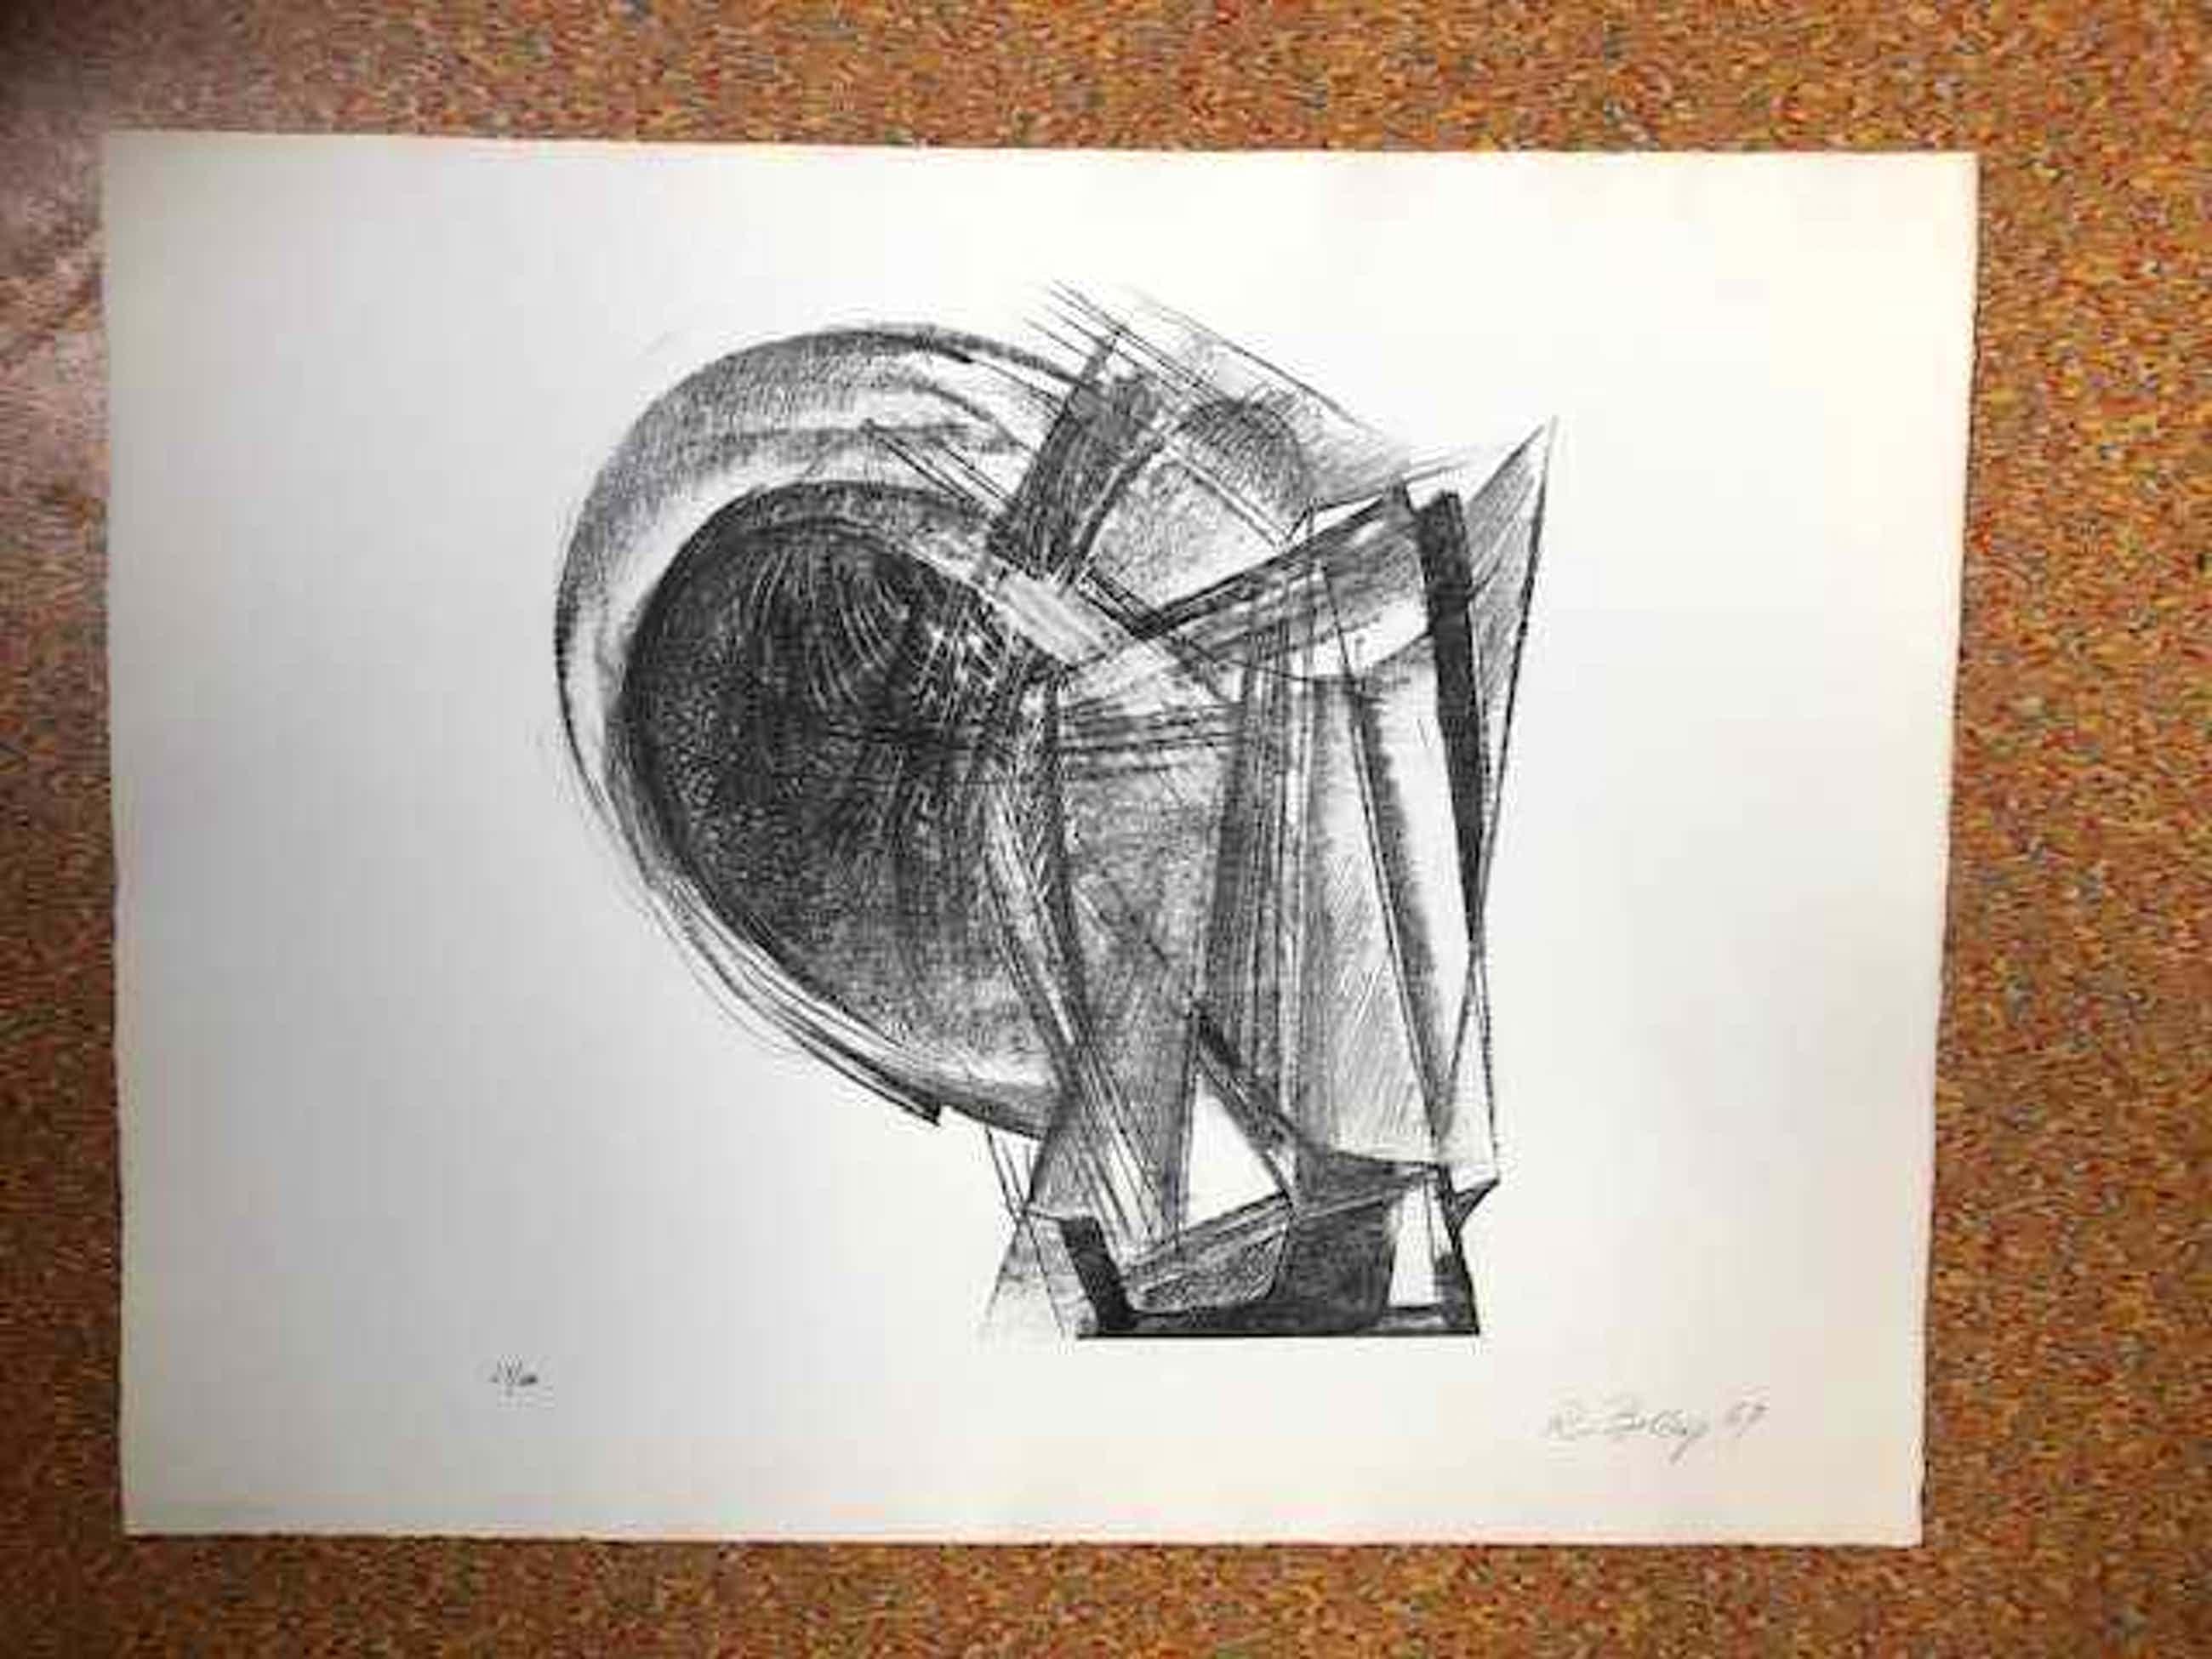 Rudolph Belling - Entwurf für eine Plastik - Lithographie - 1967 kopen? Bied vanaf 125!